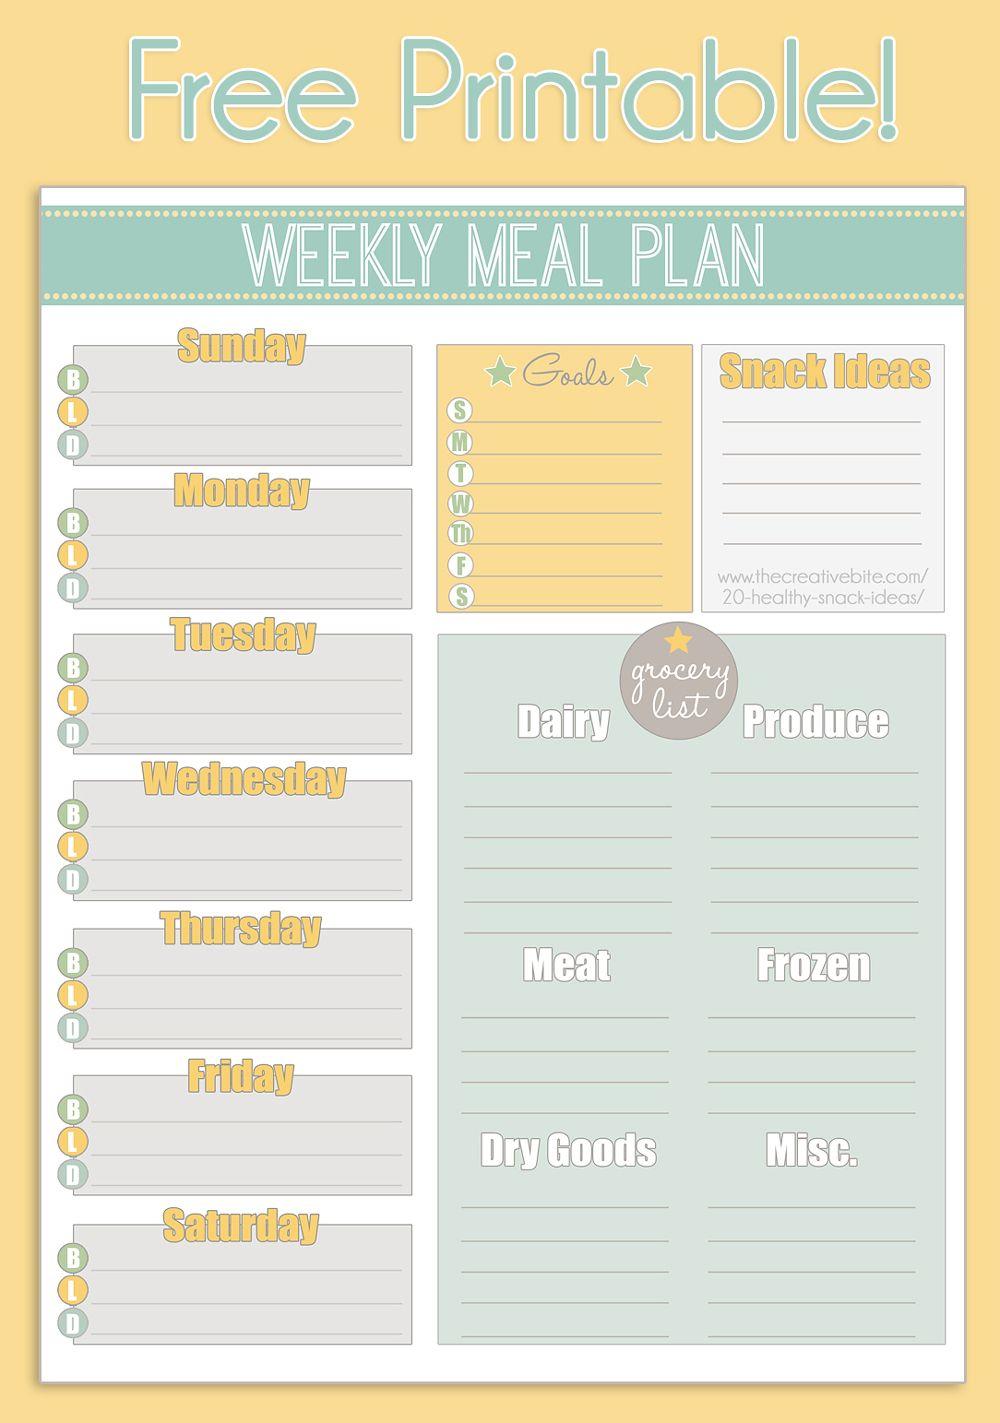 Free Printable Weekly Meal Planner | Printable Planner | Pinterest - Free Printable Weekly Meal Planner